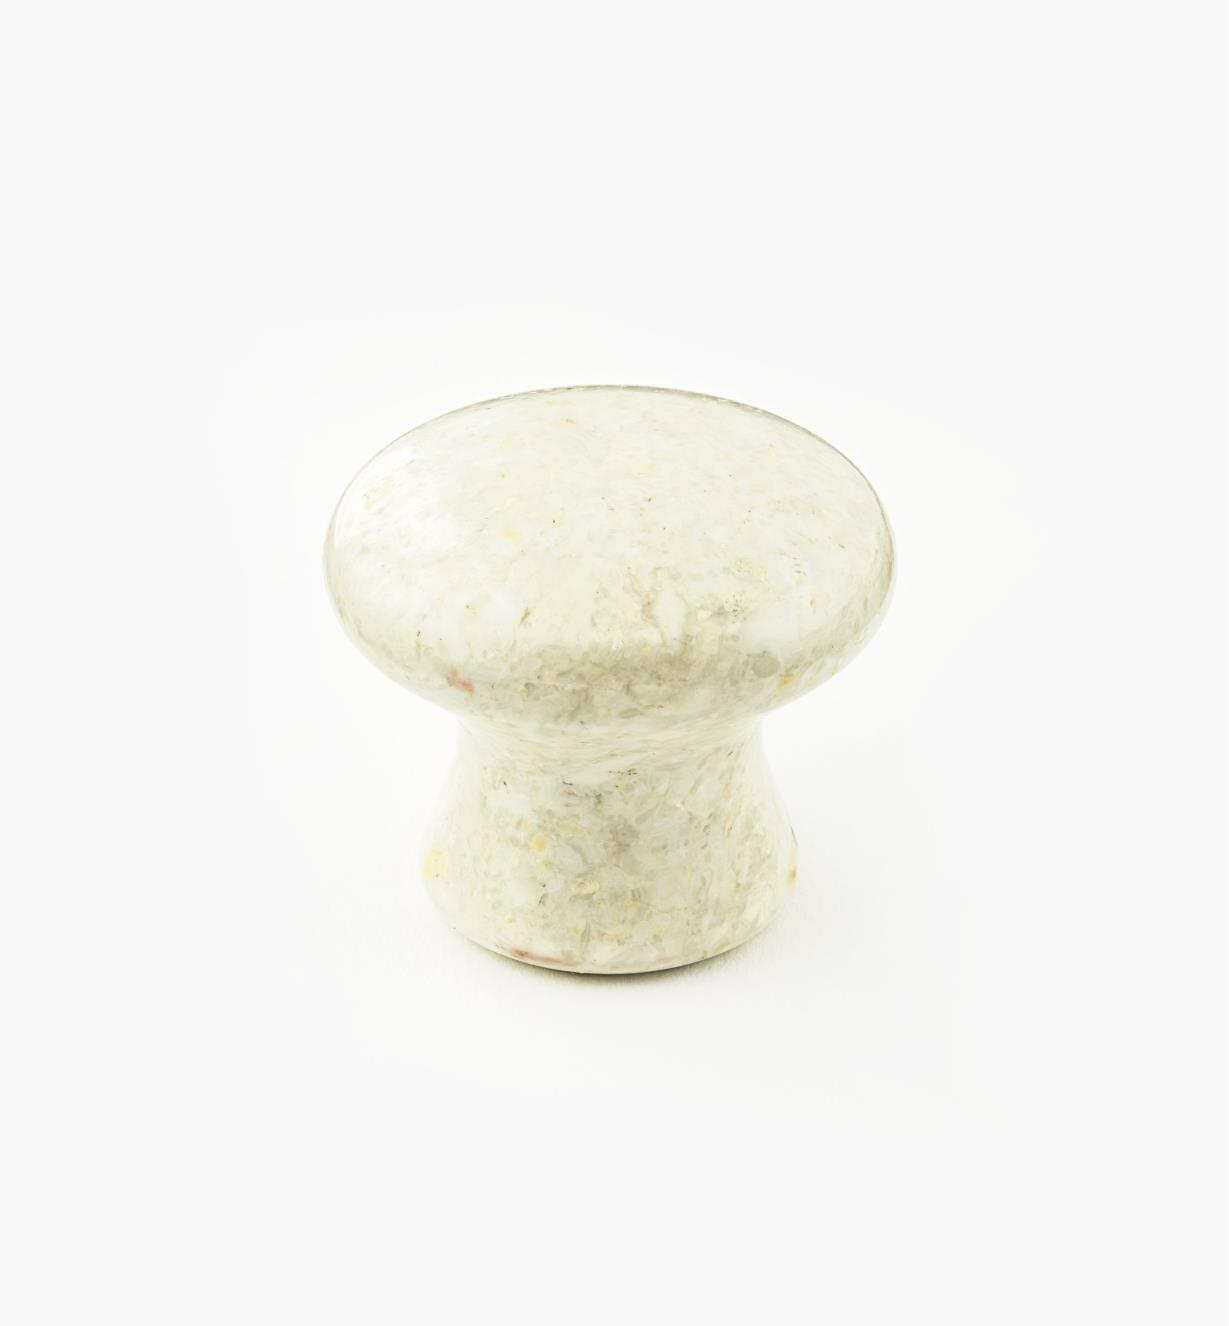 00W4052 - Tan Marble Knob, 34mm x 30mm